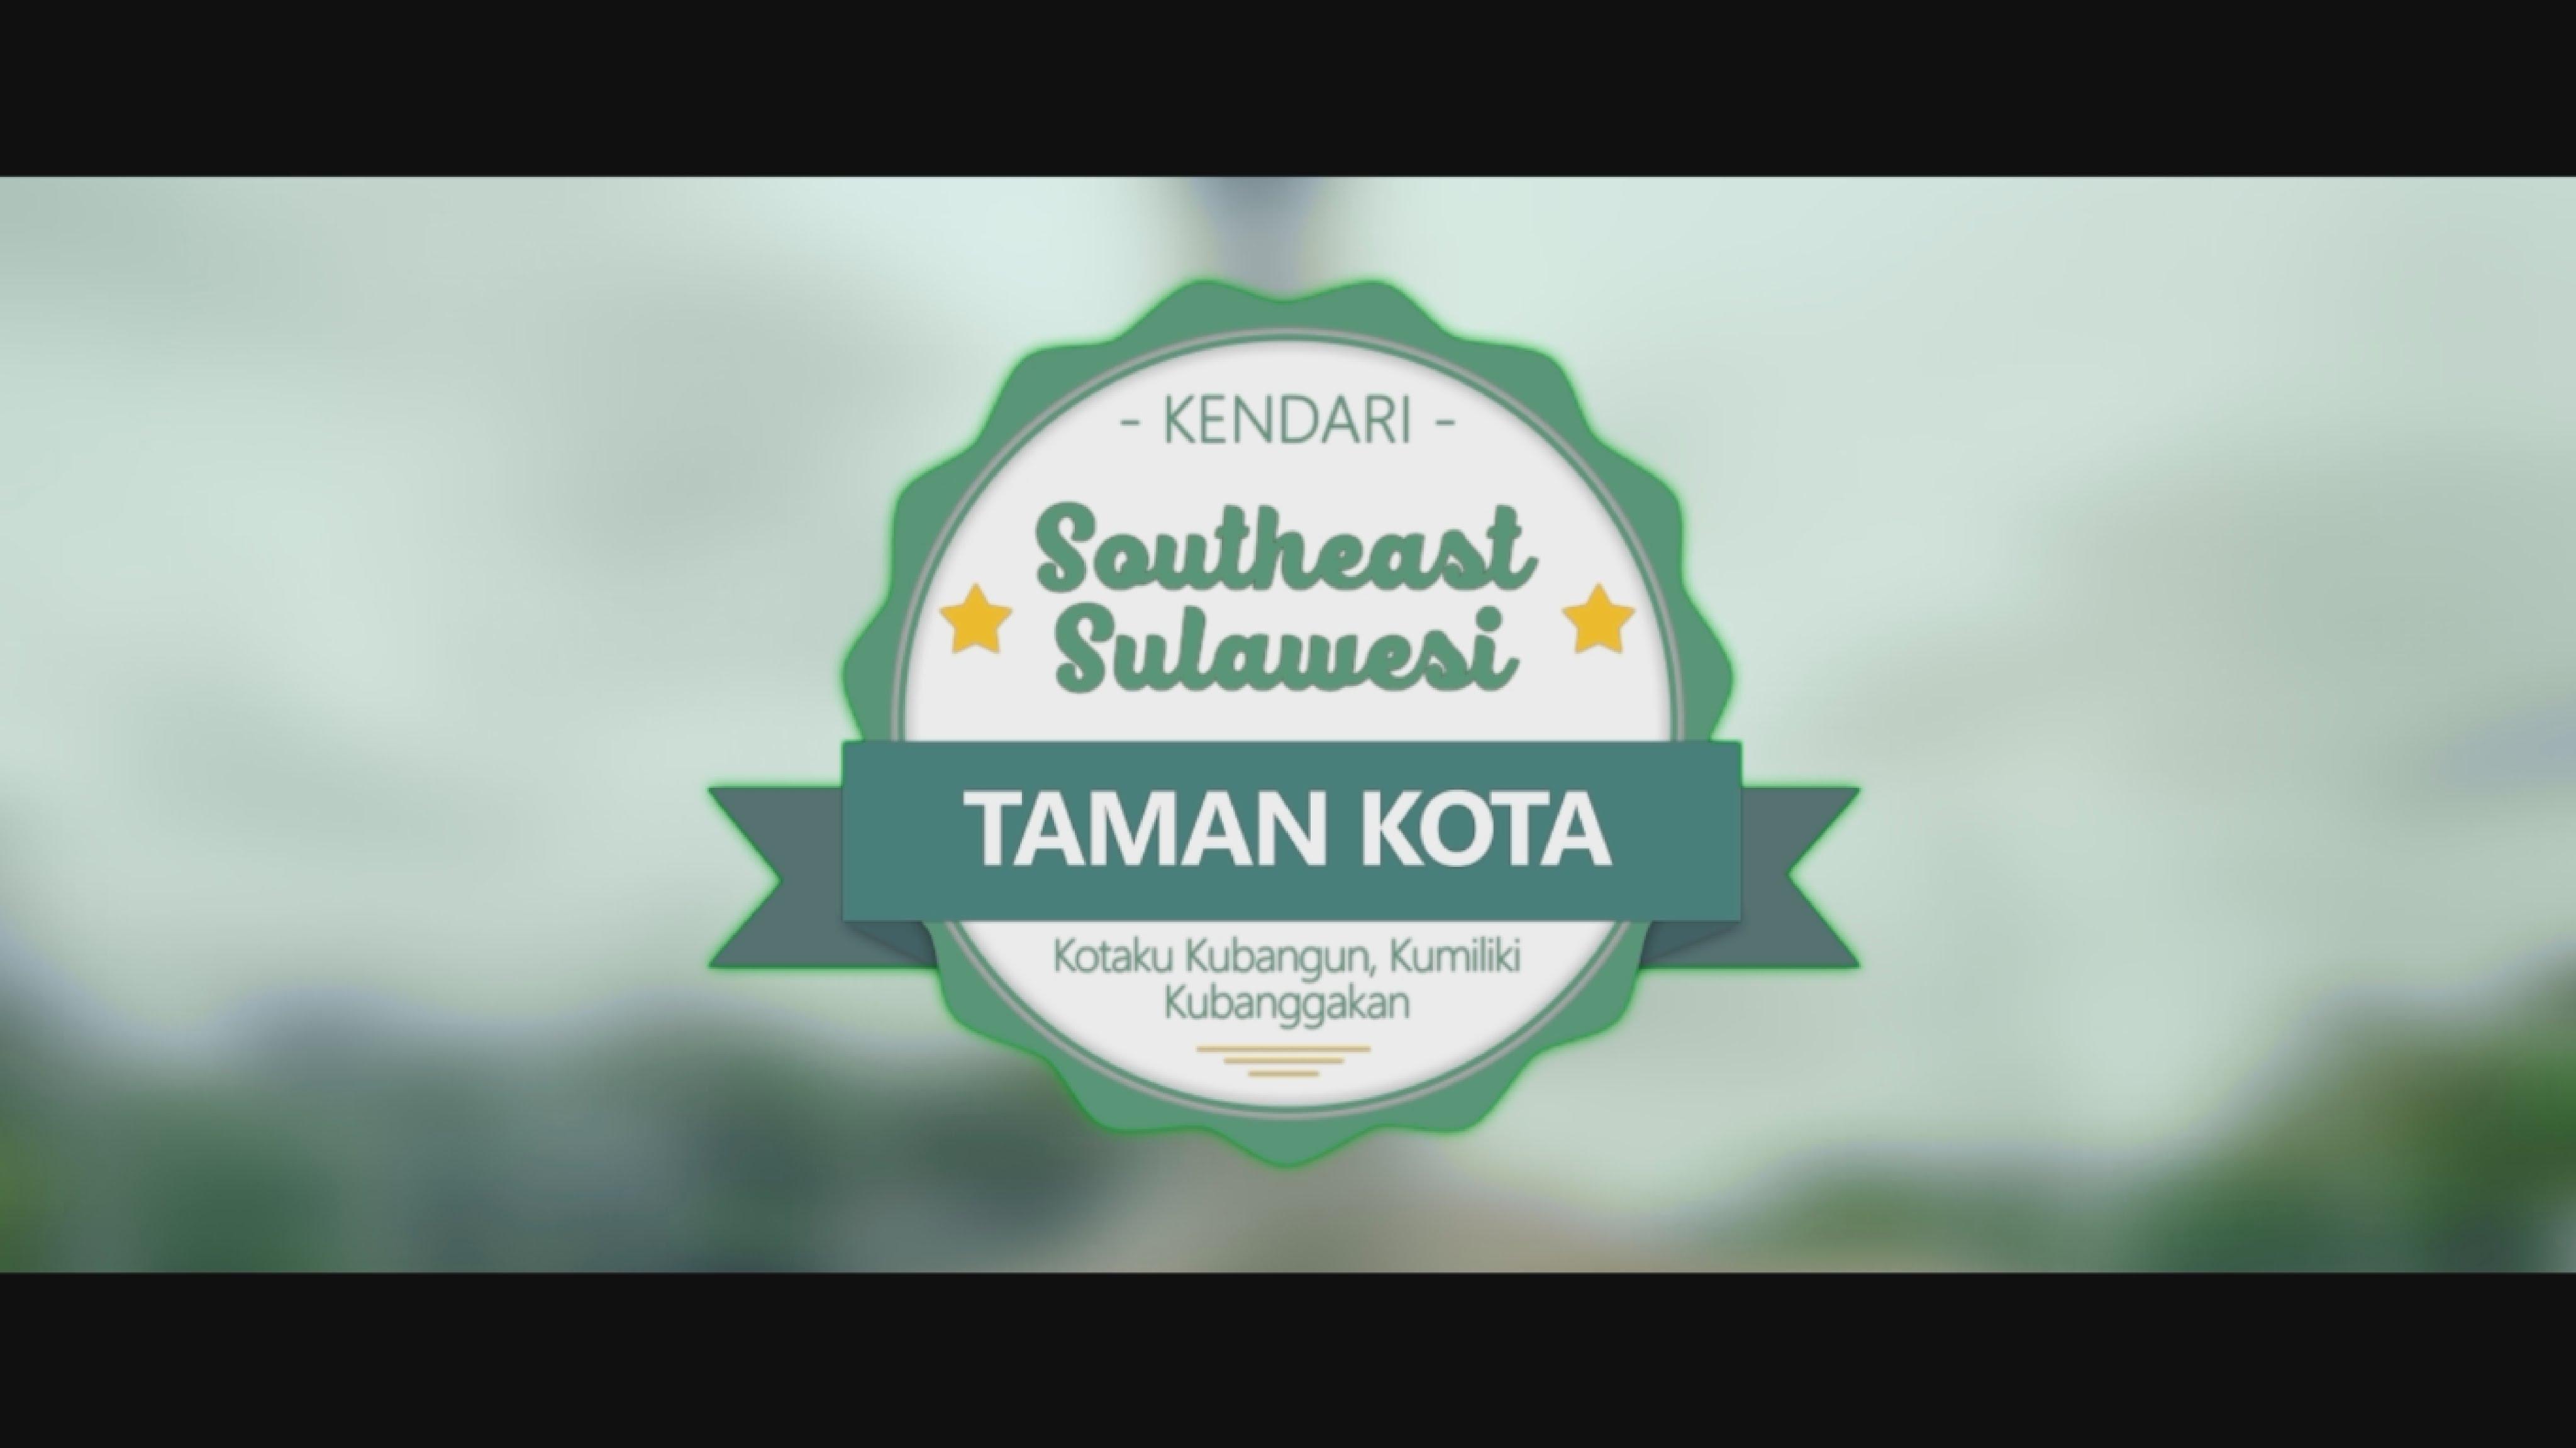 Tamkot Spot Jalan Kendari Youtube Taman Kota